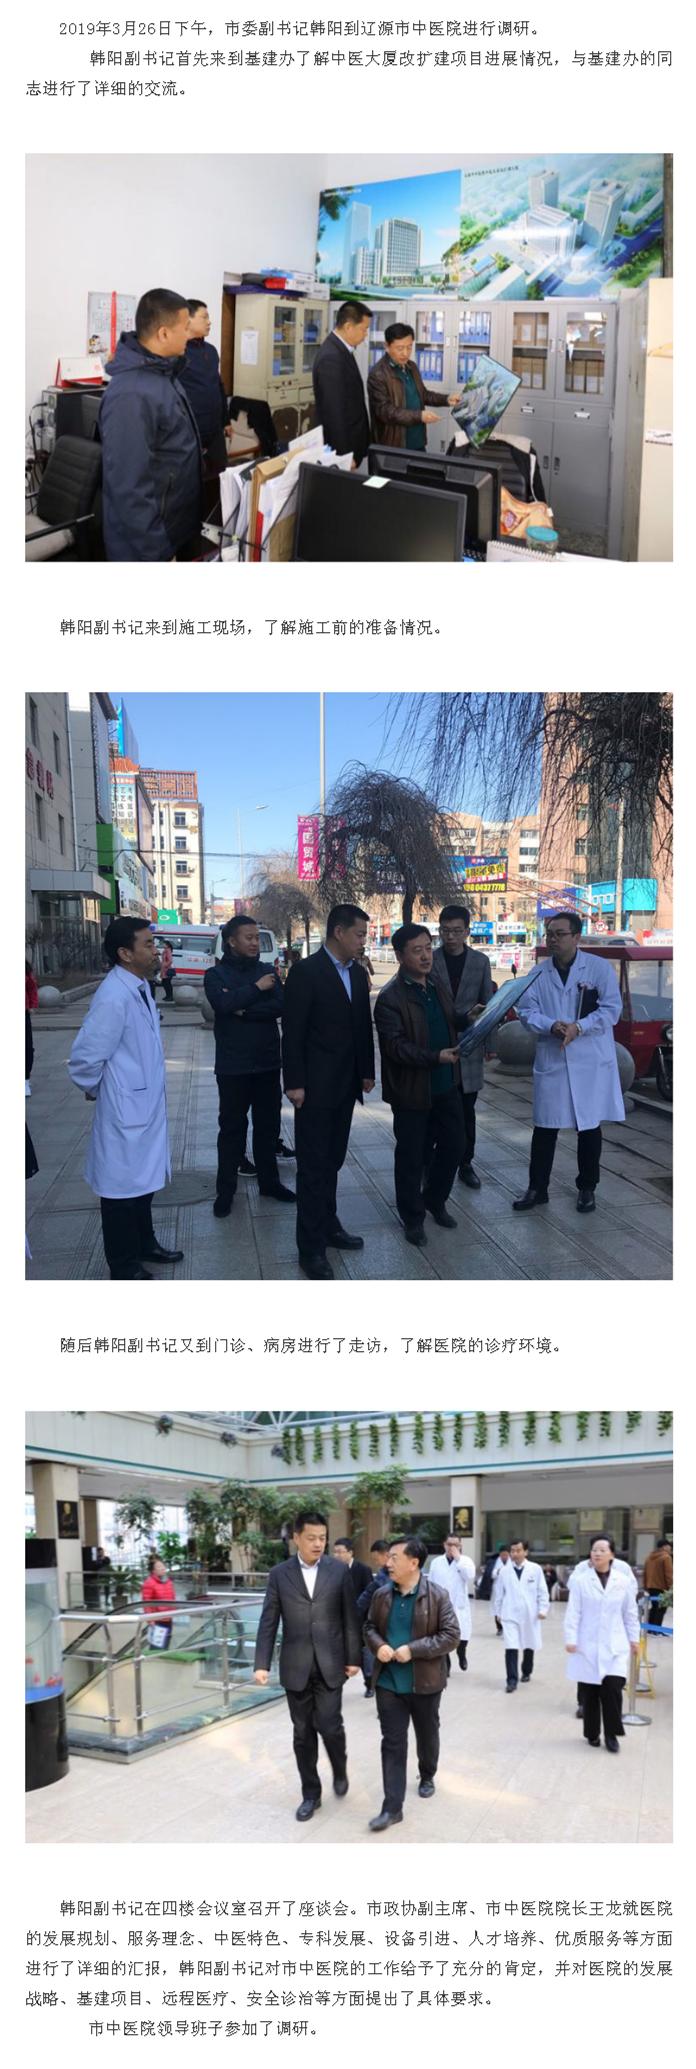 市委副书记韩阳到市中医院进行调研 - 美篇.png